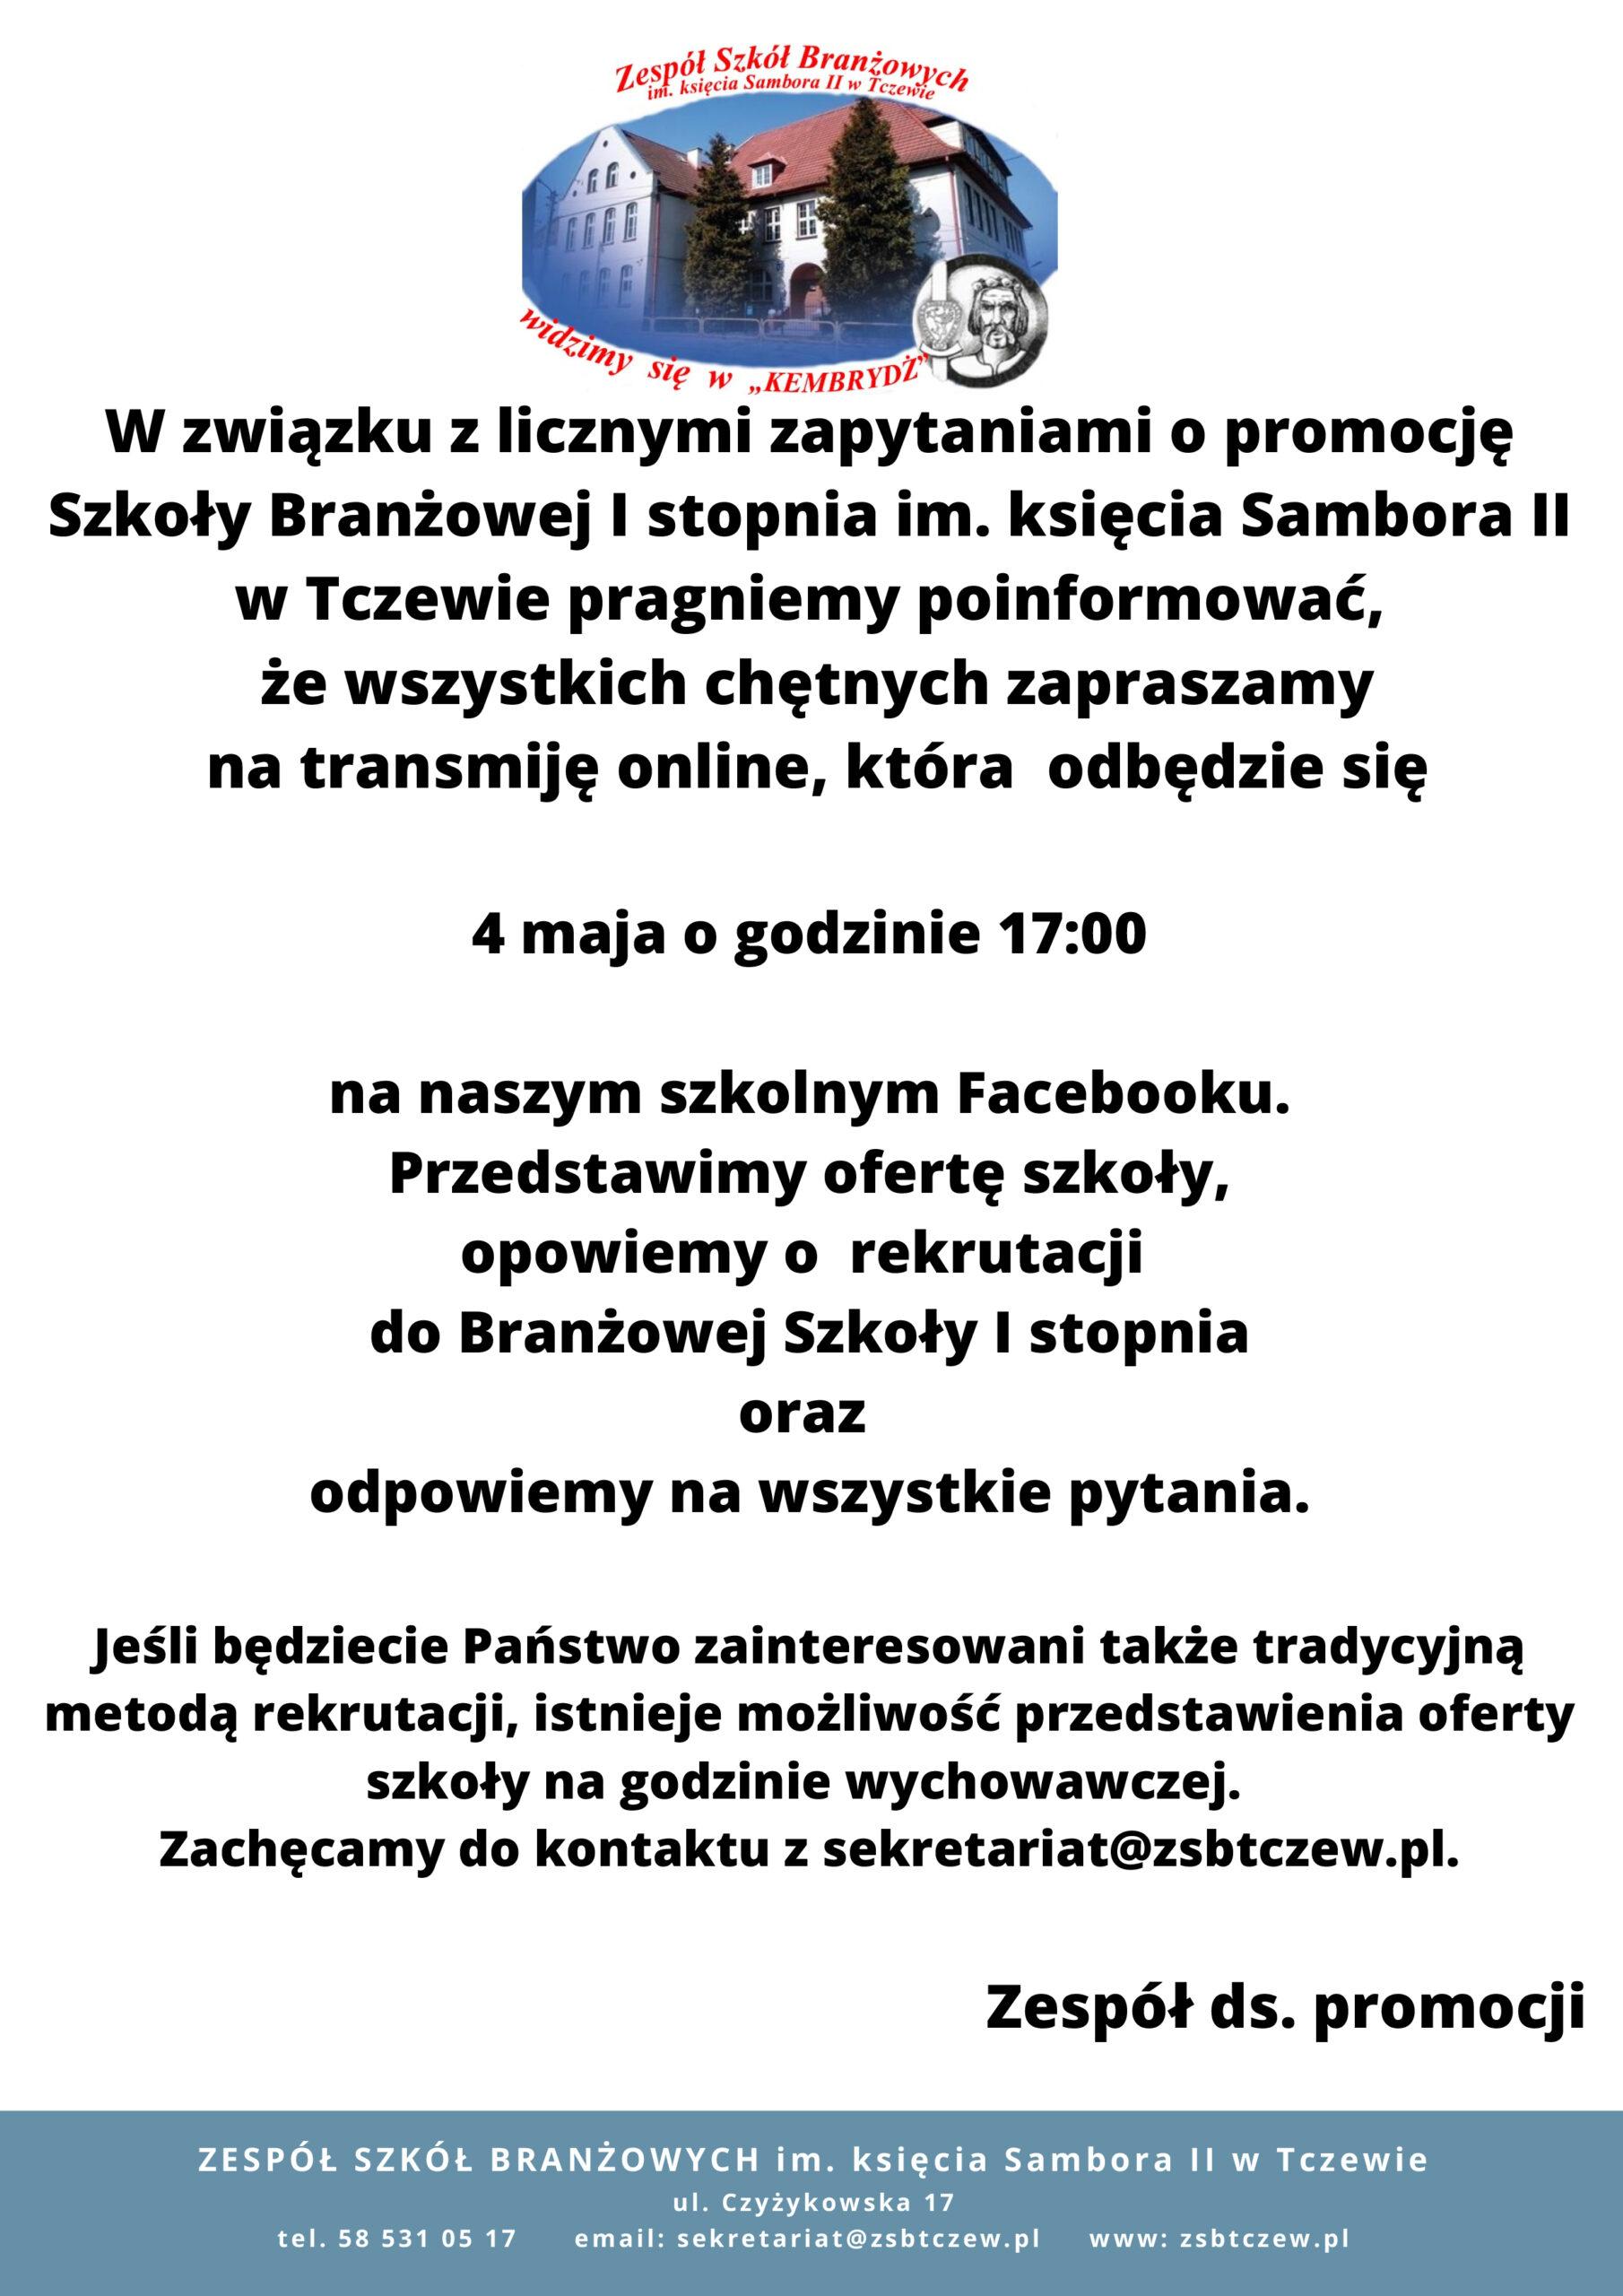 Rekrutacja do Zespółu Szkół Branżowych im. księcia Sambora II w Tczewie